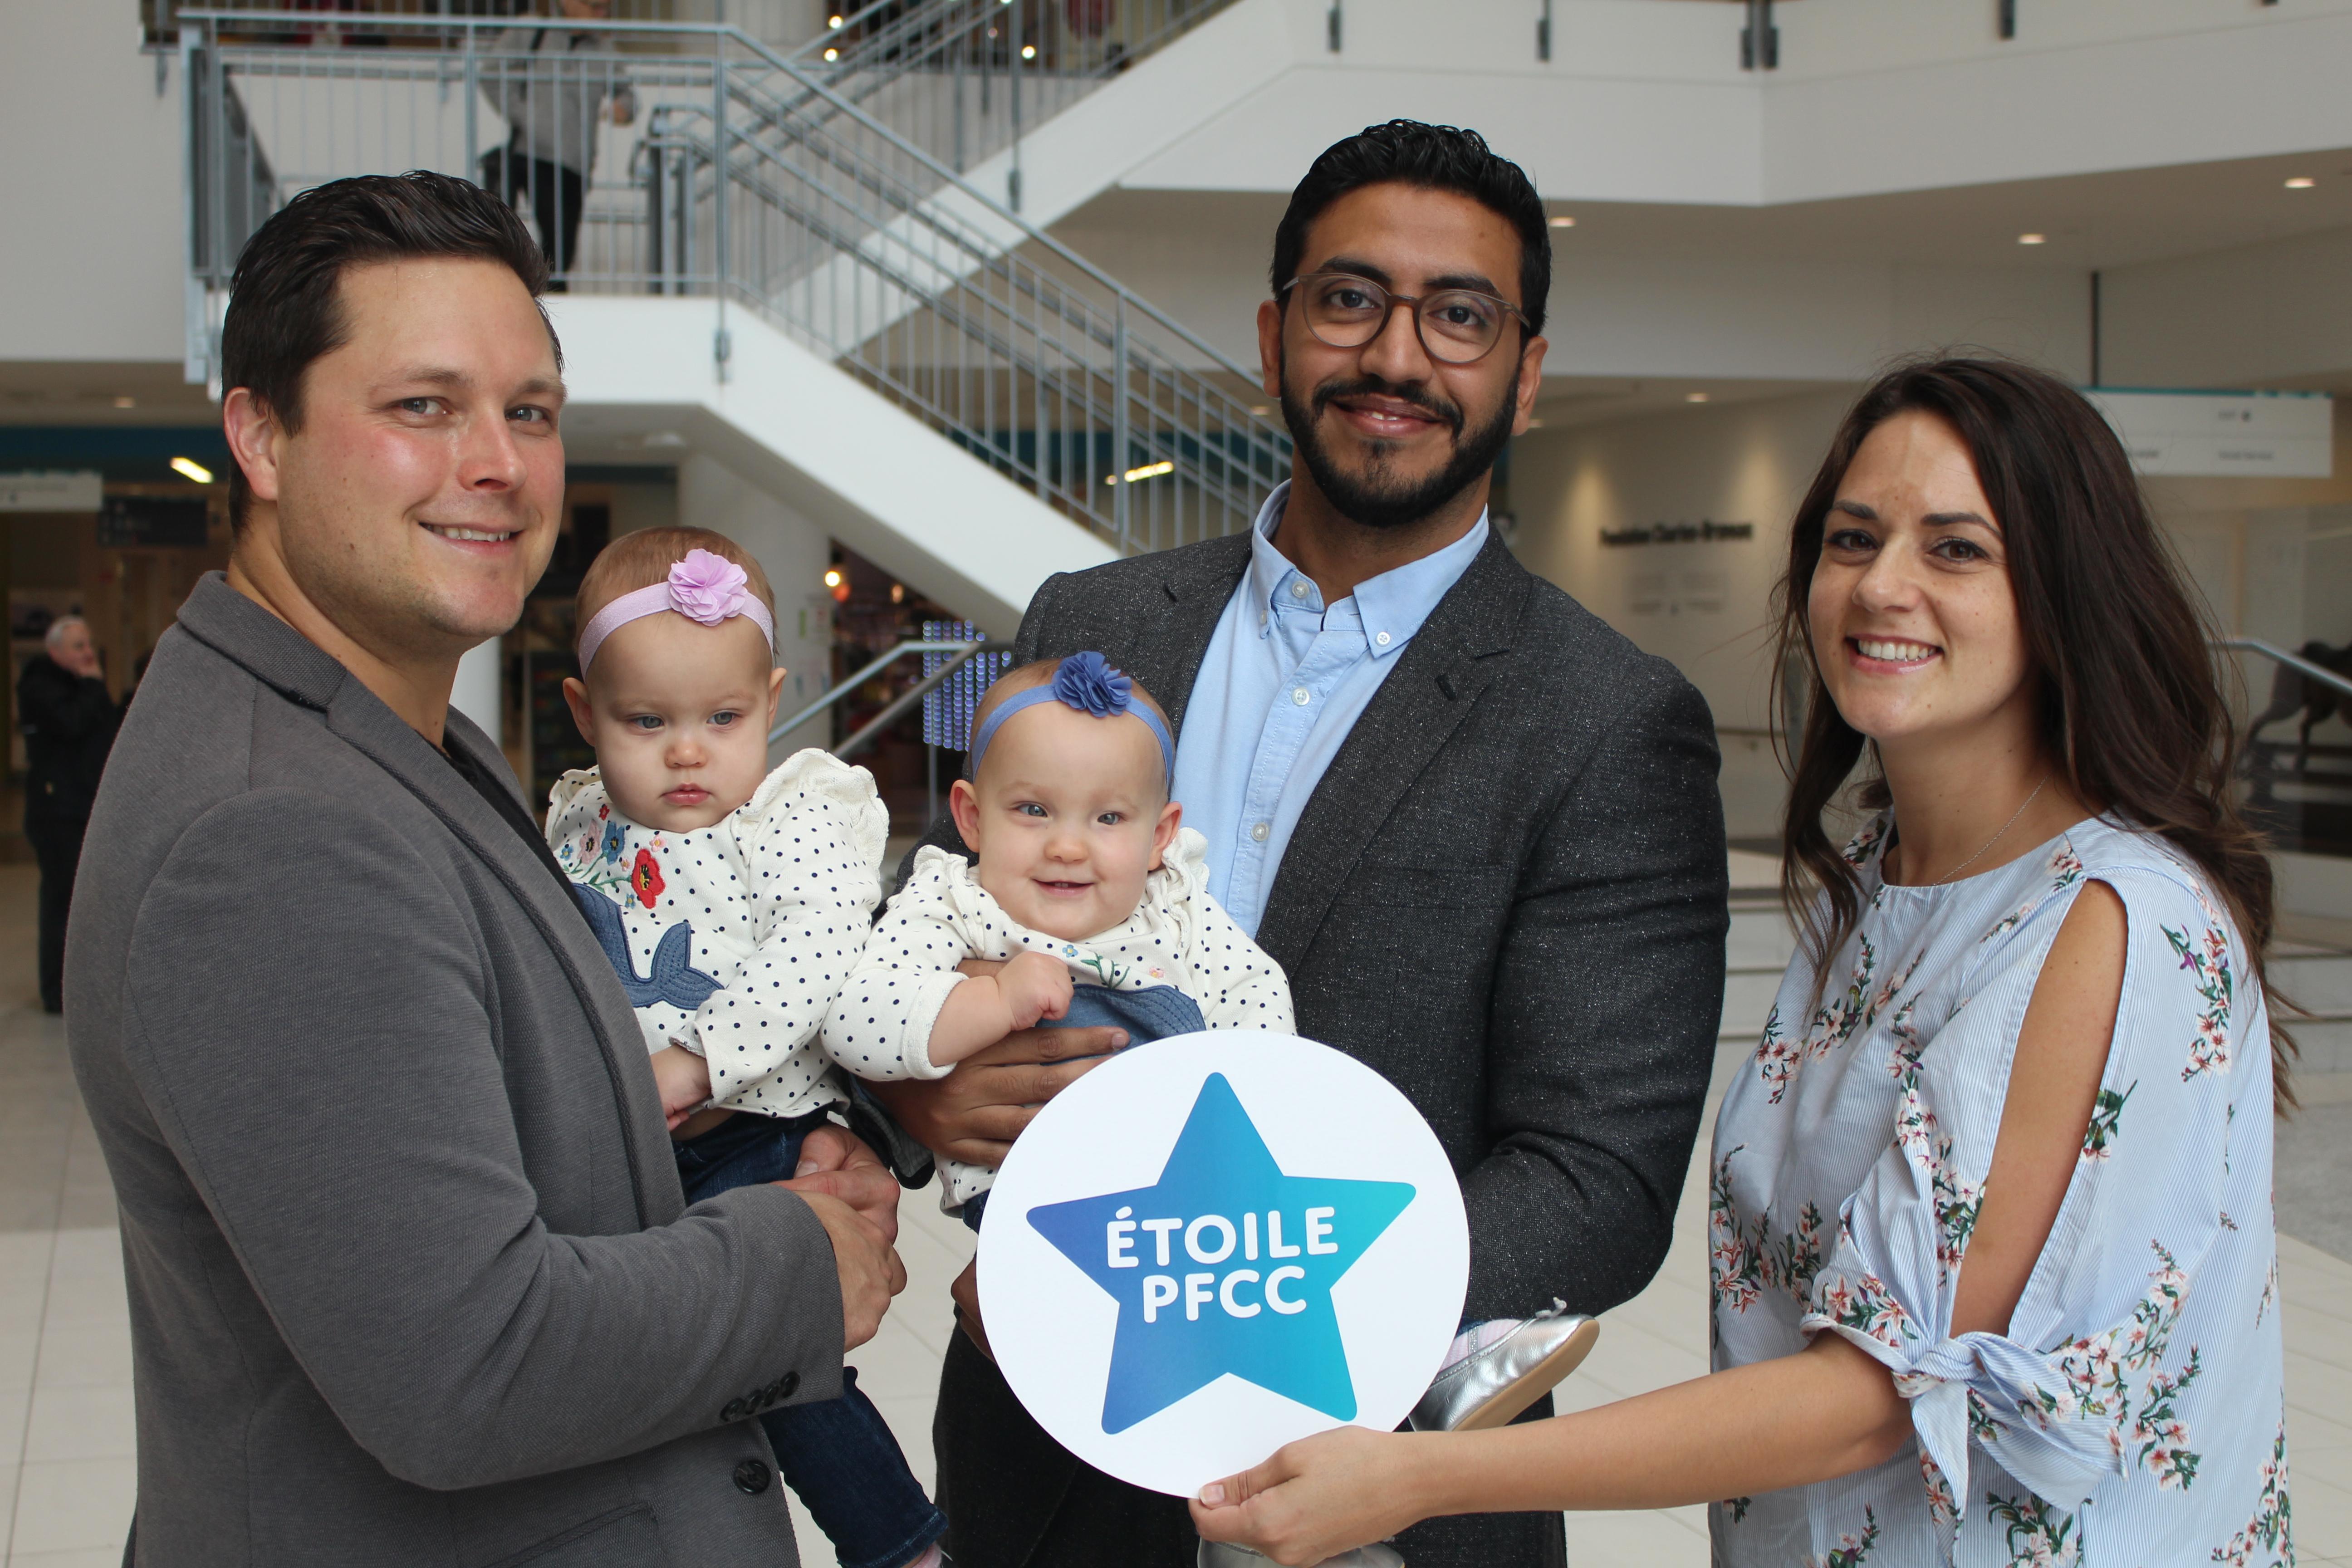 Joelle et Craig, les parents des jumelles Evelyne et Chloe et le Dr Abdulrahman Althubaiti